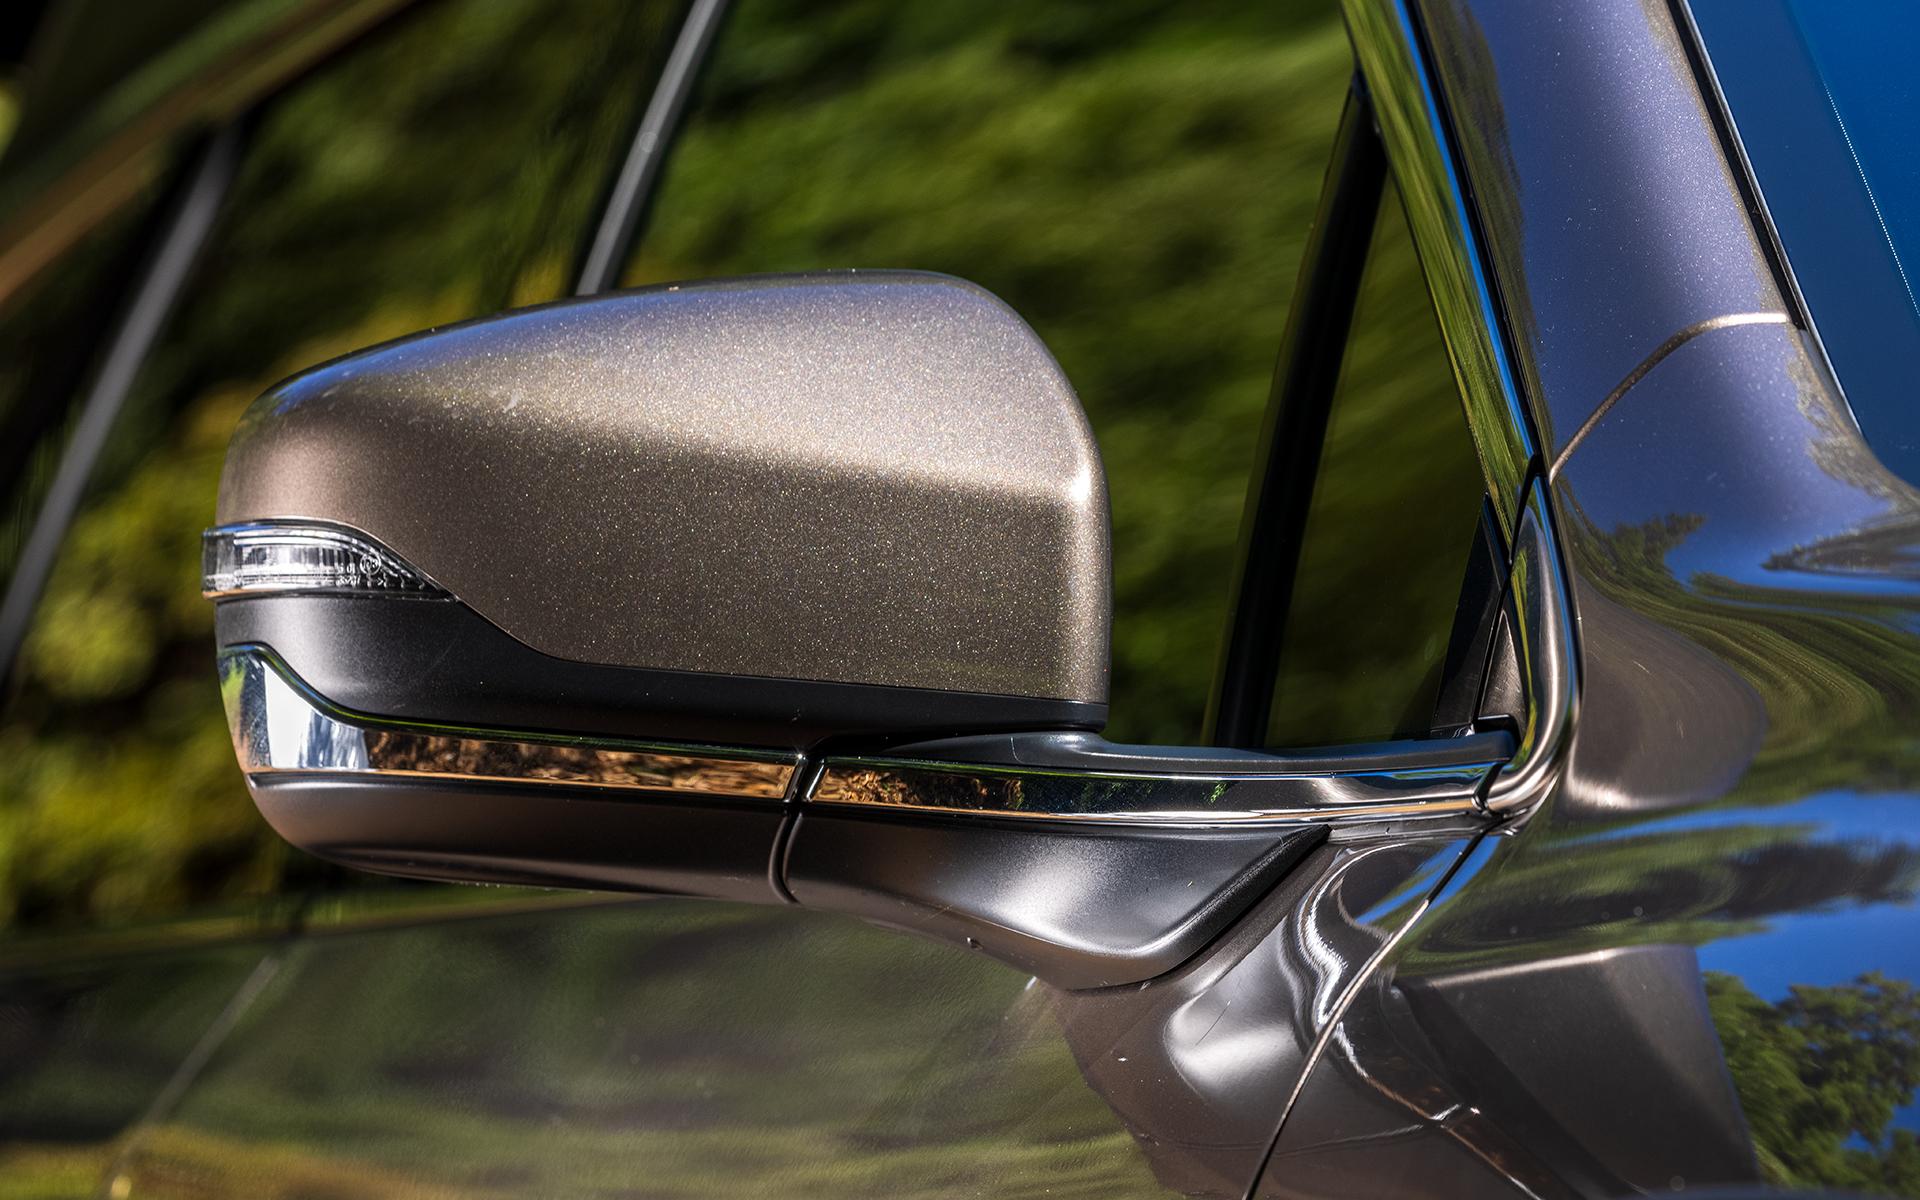 リバース連動、オート格納など機能満載のドアミラー。Limited EXはボディ同色